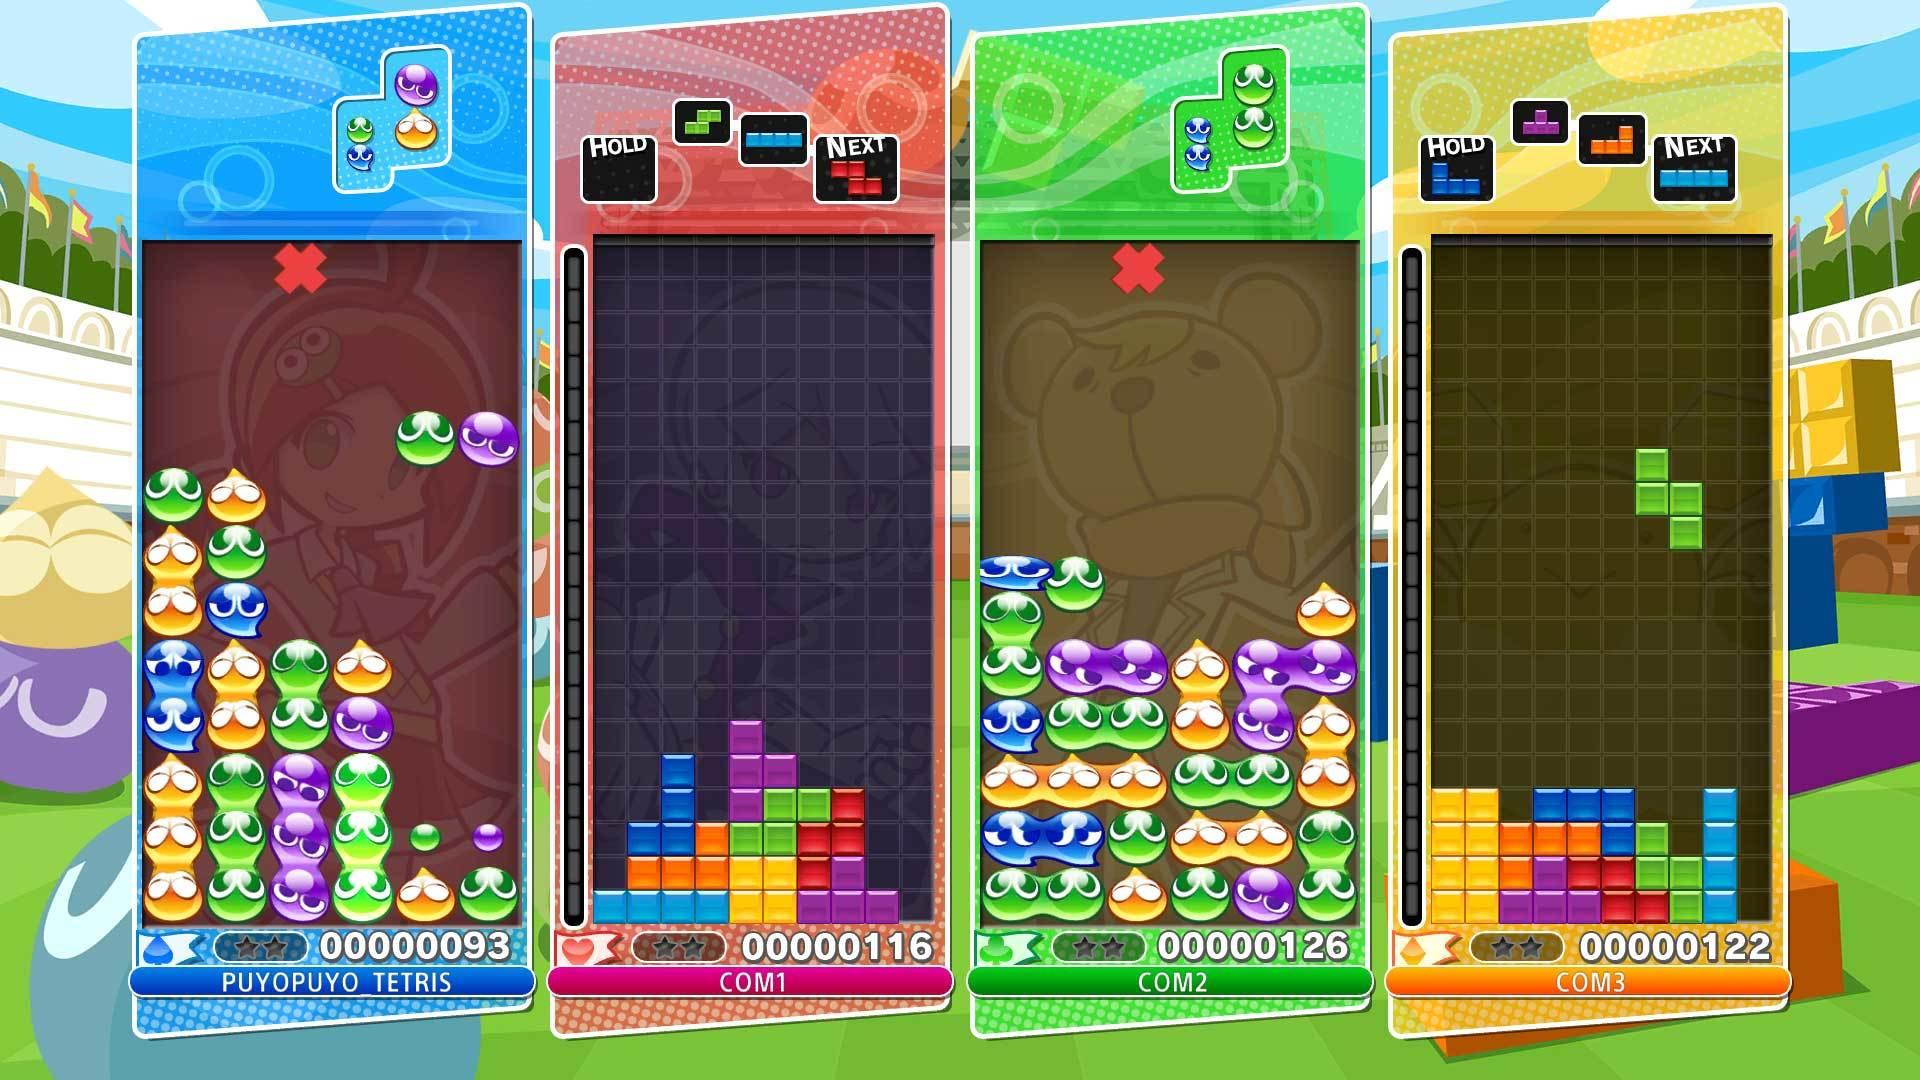 Puyo Puyo Tetris los mejores videojuegos con multijugador local